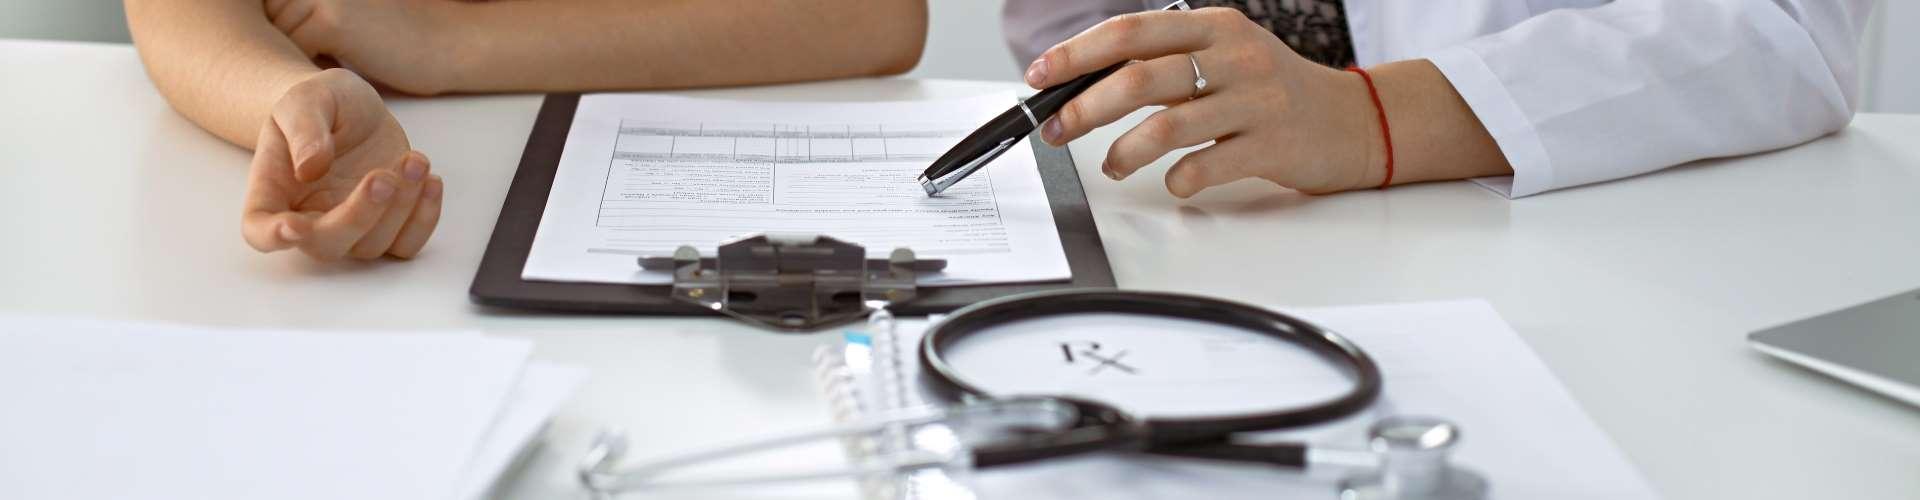 Ärzte, Krankenversicherung